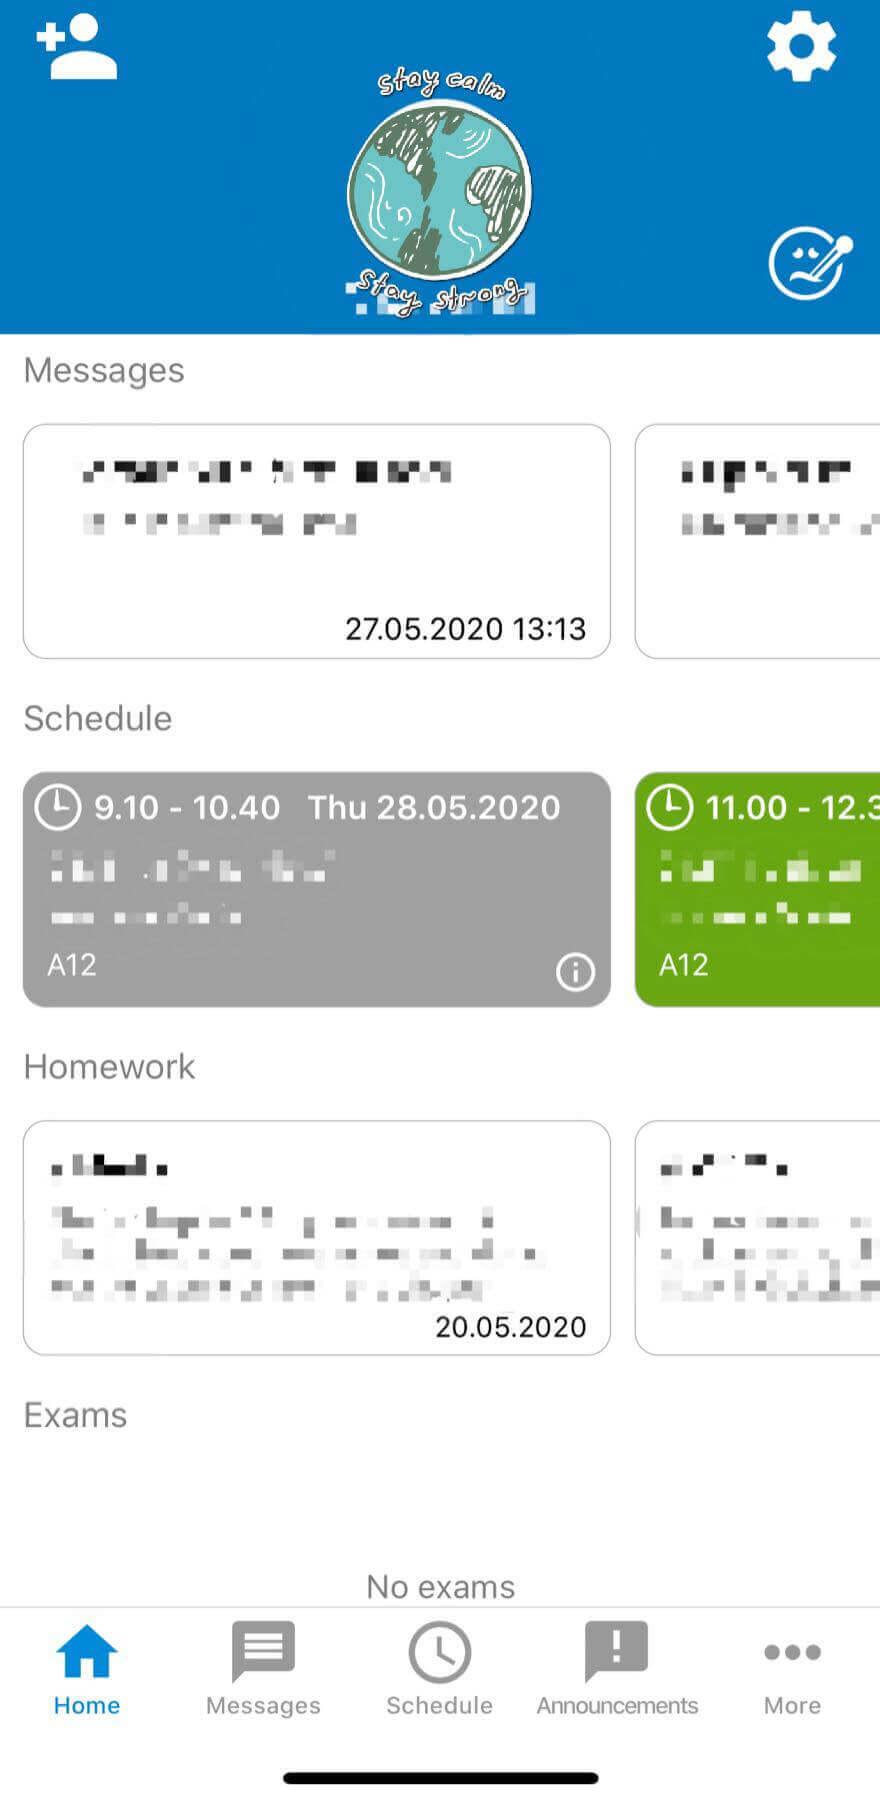 WILMA スマホアプリ画面